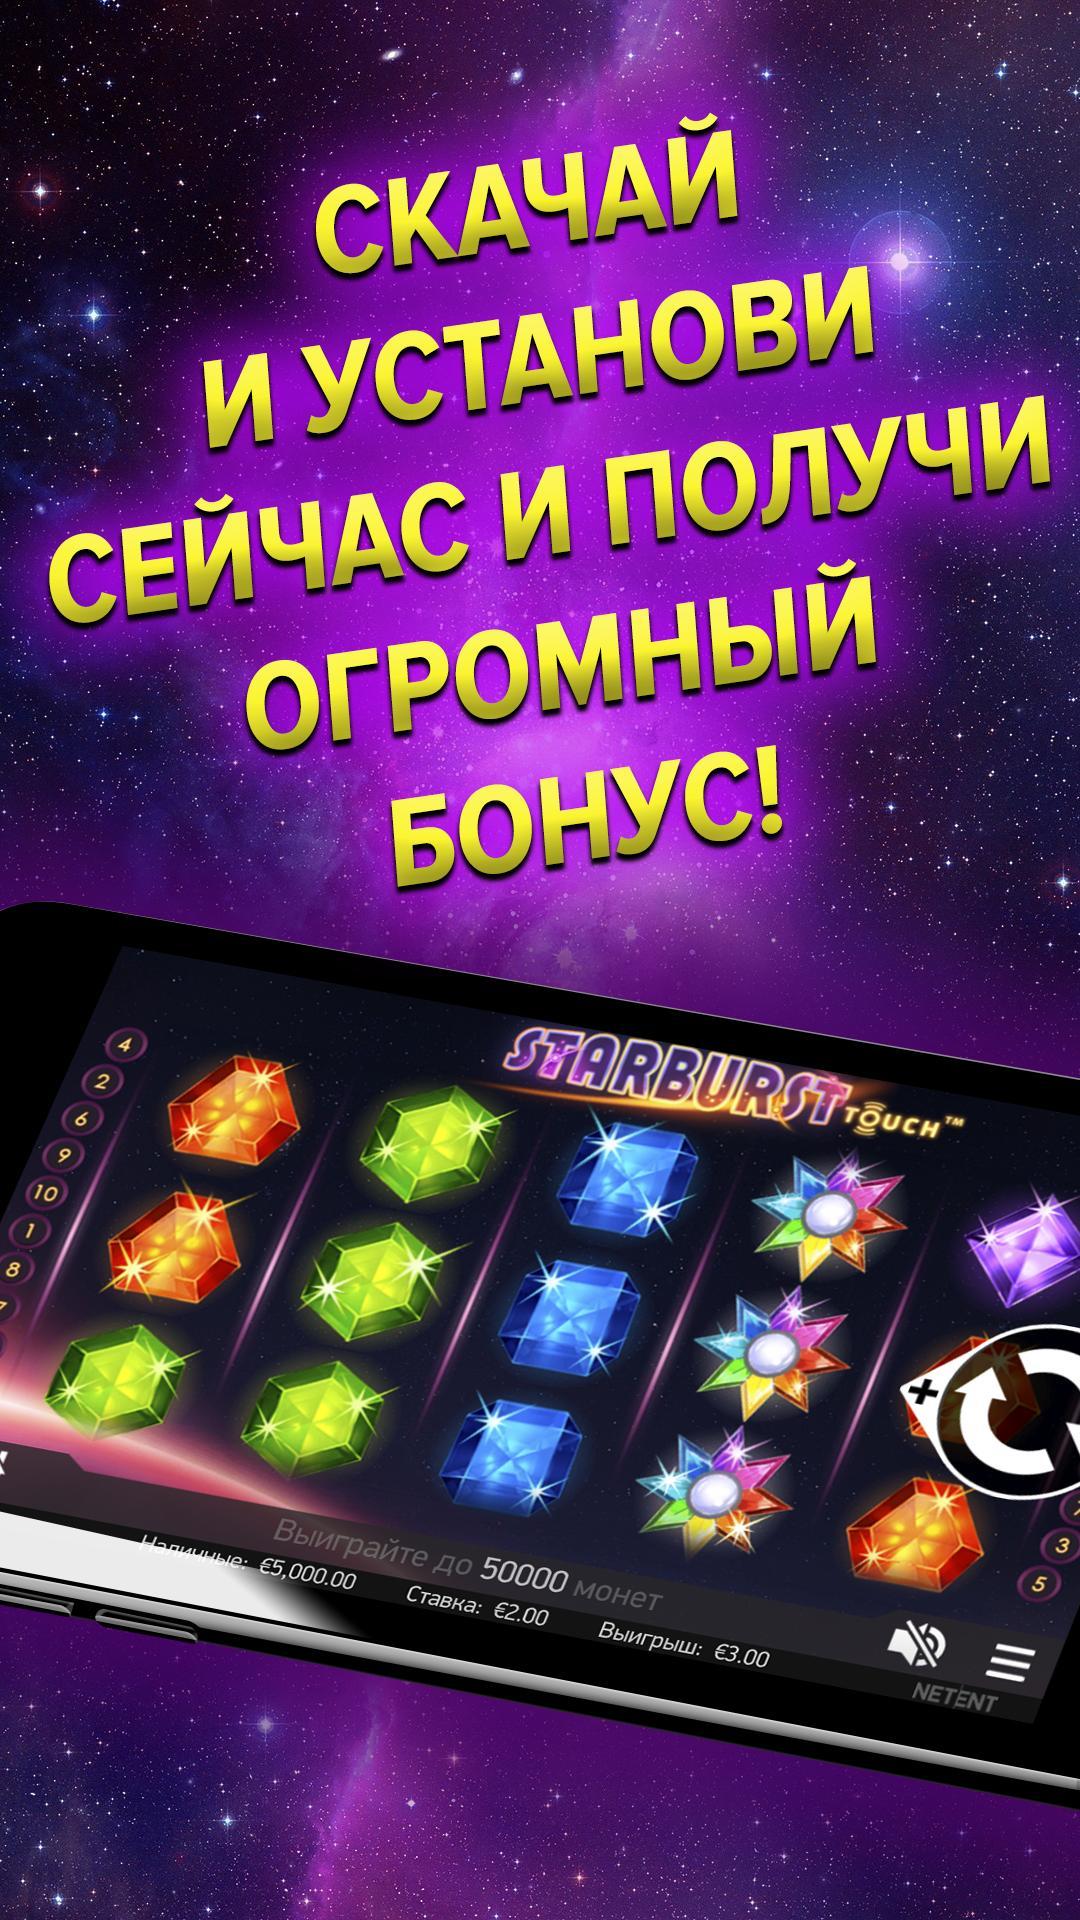 Казино вулкан скачать приложение на телефон казино заявить правилам которые этого никто игроку показывал озвучивал необходимо